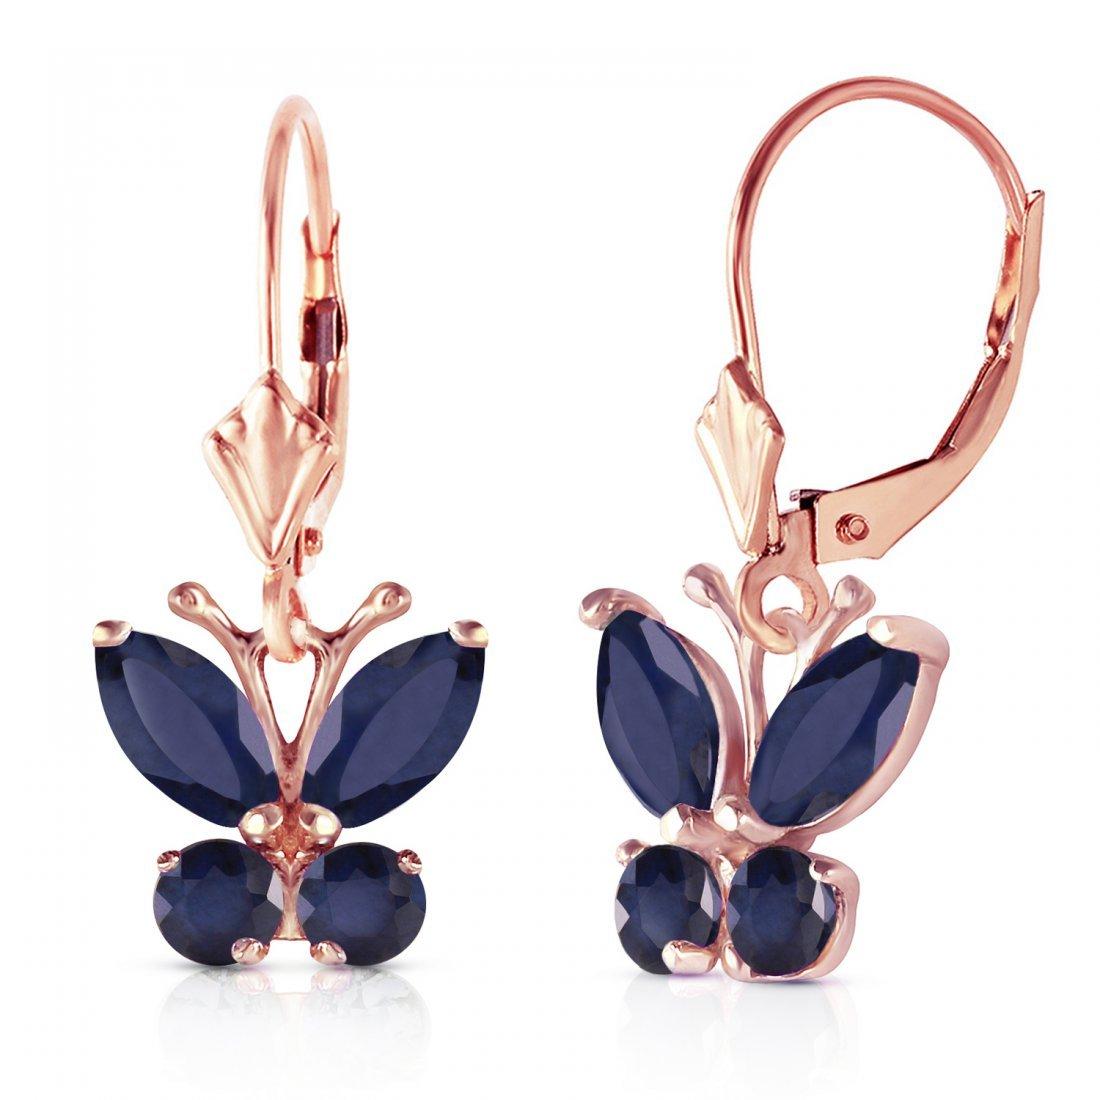 Genuine 1.24 ctw Sapphire Earrings Jewelry 14KT Rose